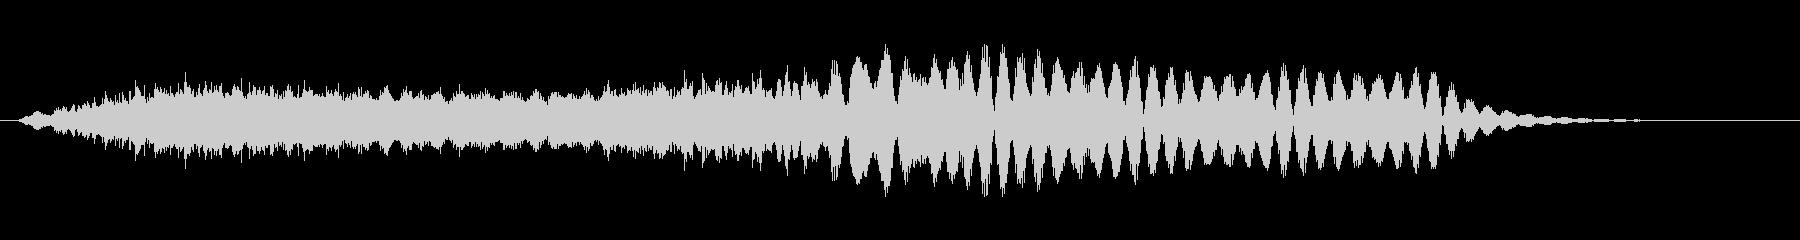 シンセが生成した膨潤パッド。エフェ...の未再生の波形